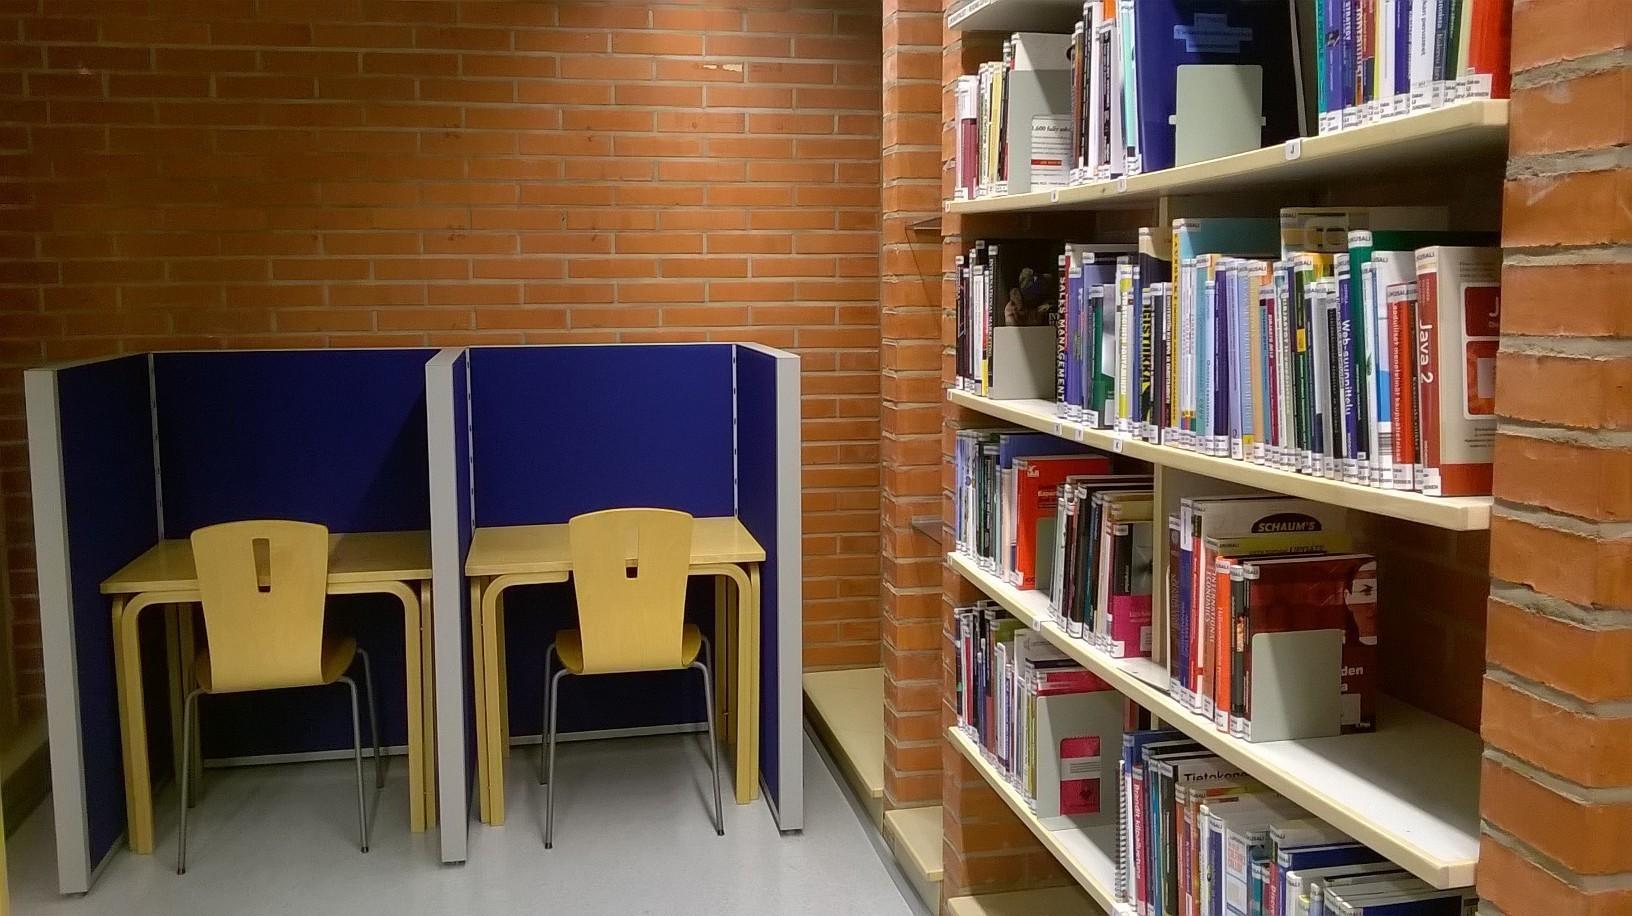 Teuvo Pakkalan kadun kirjasto